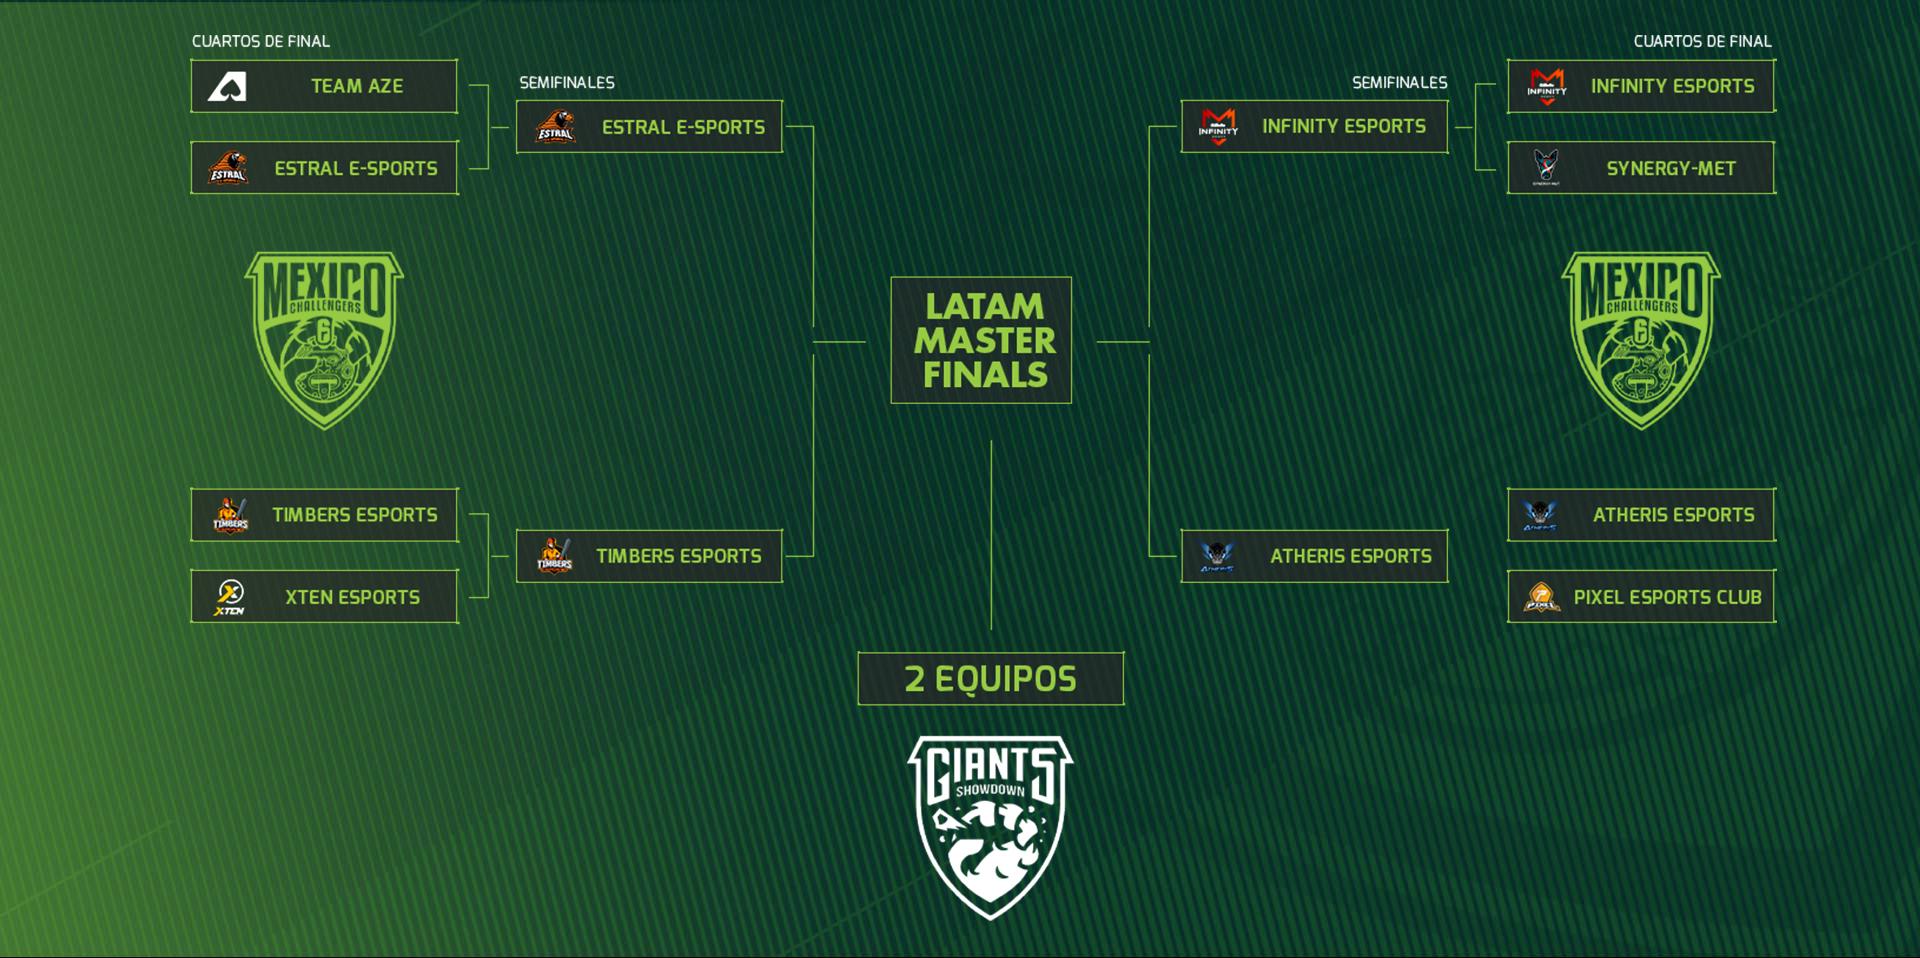 Bracket Latam Master Finals